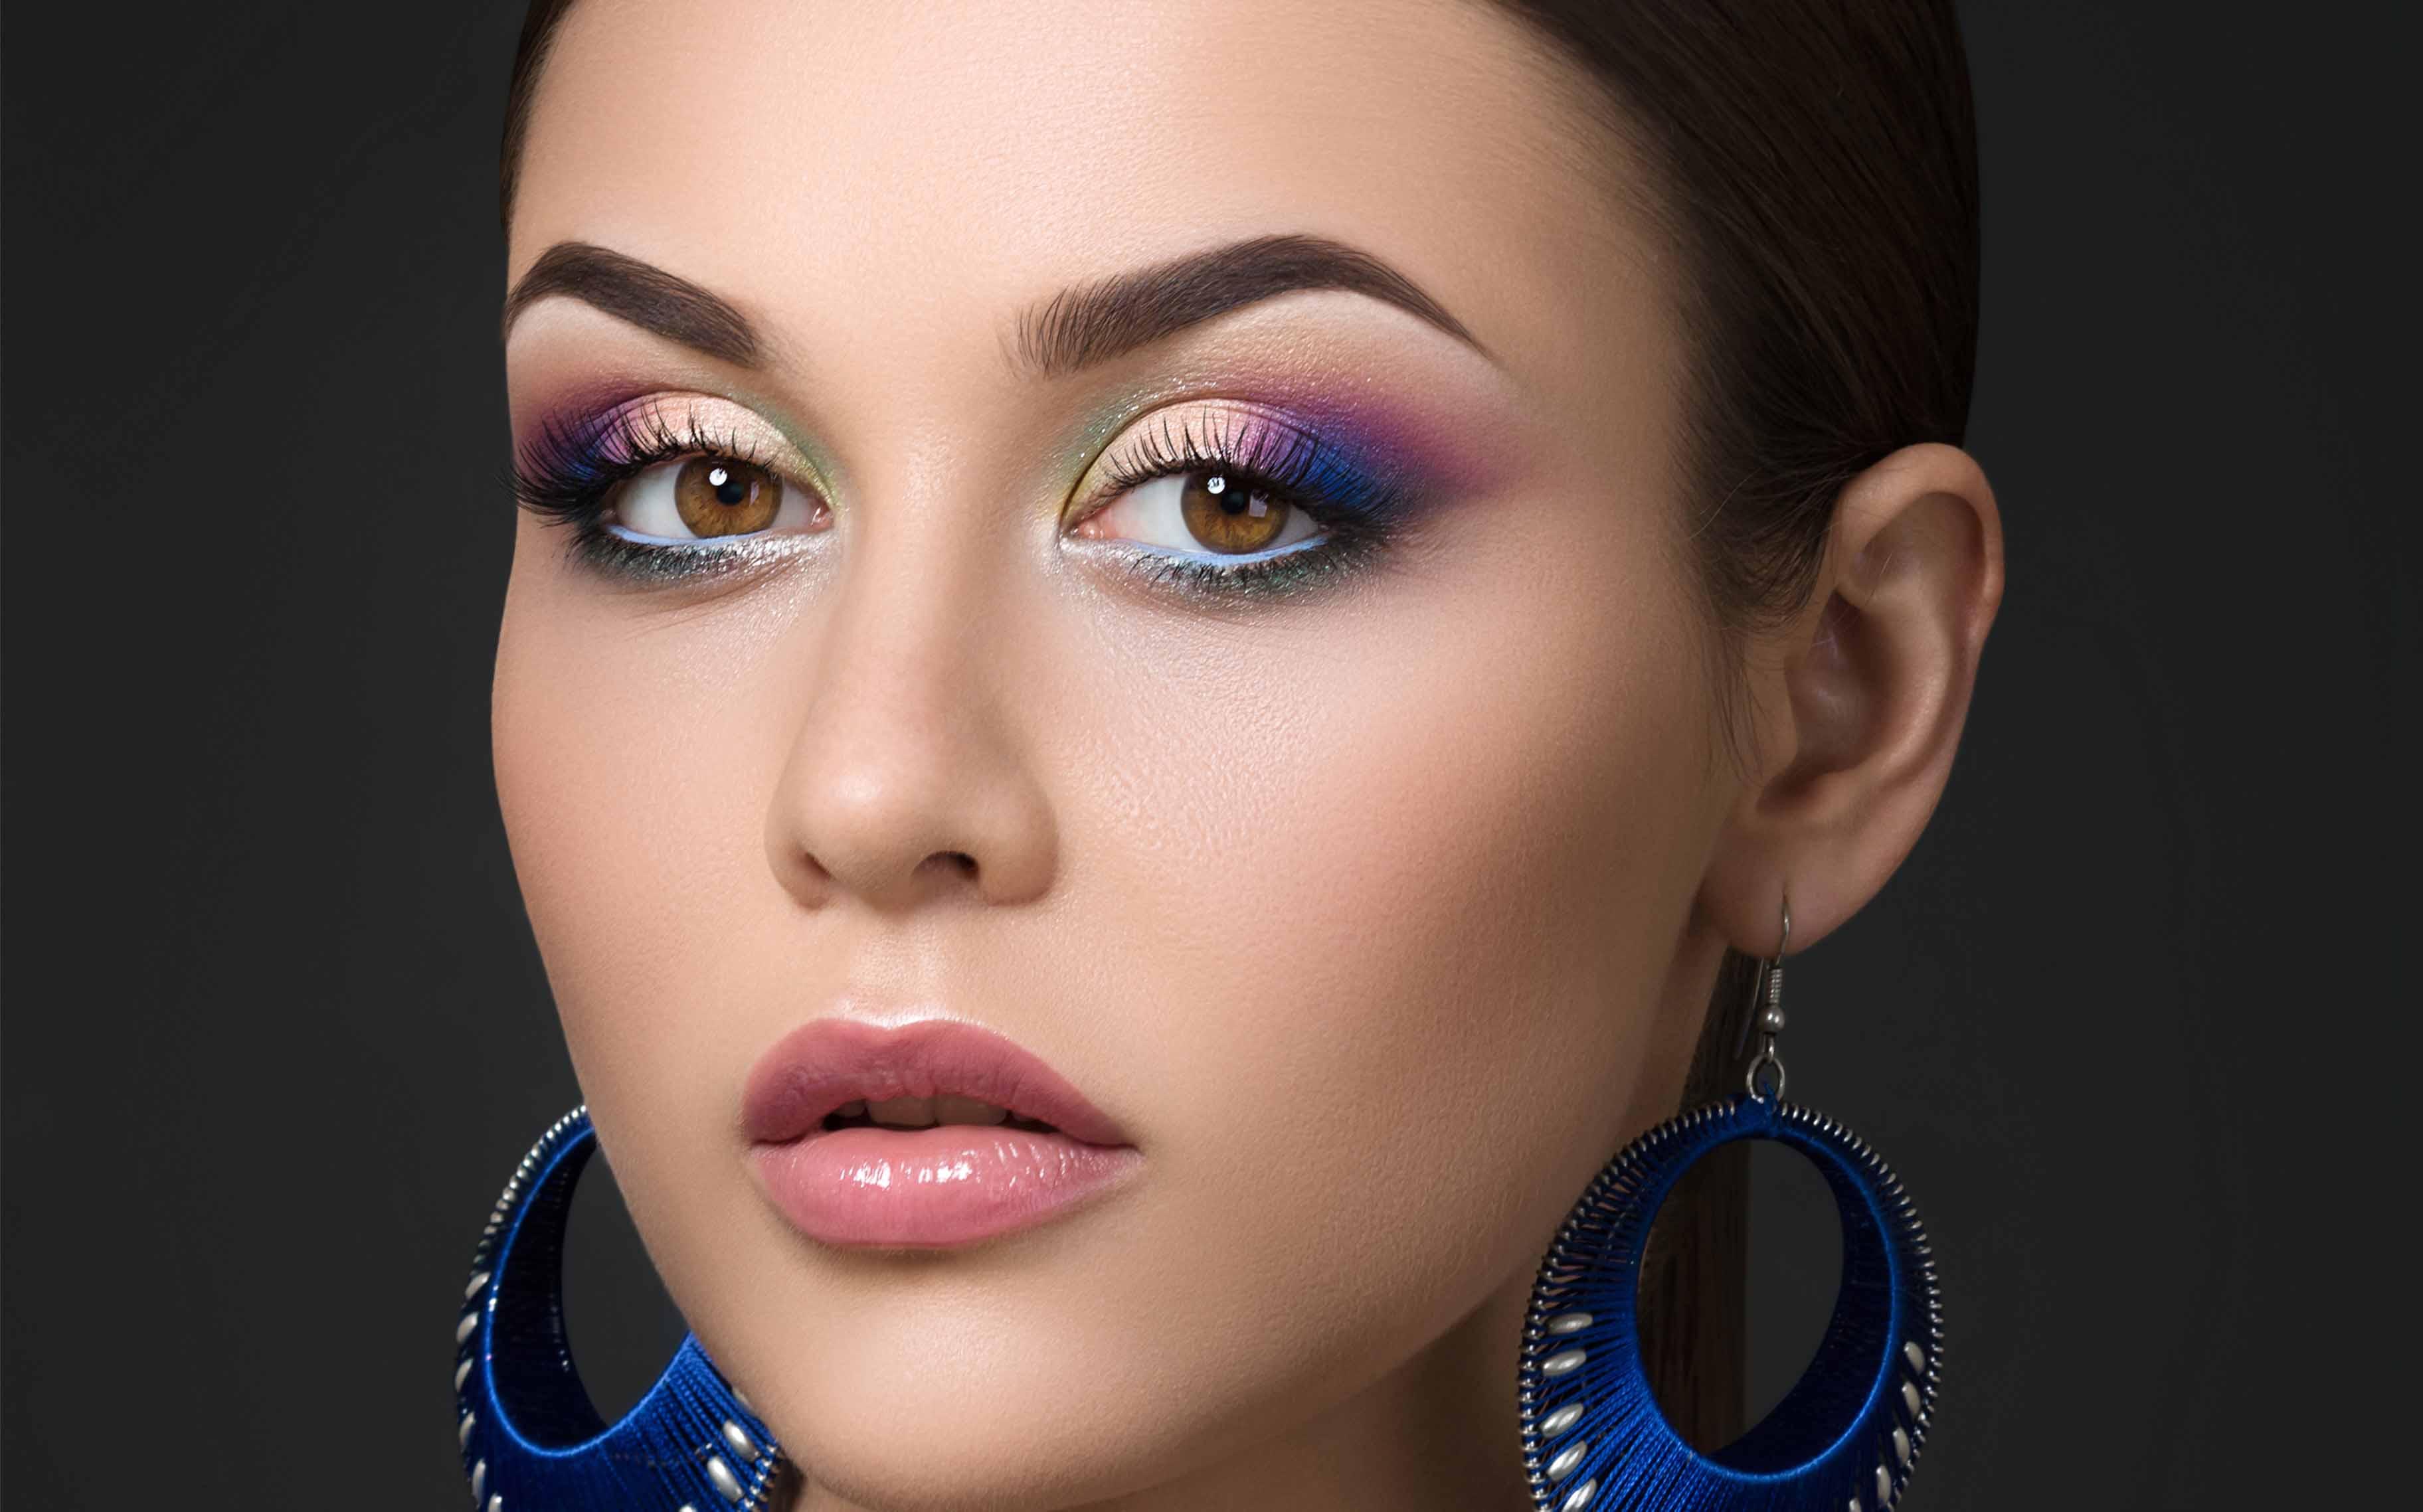 make-up-estivo-occhi-castani-zephir-parrucchieri-ascona-muralto.jpg